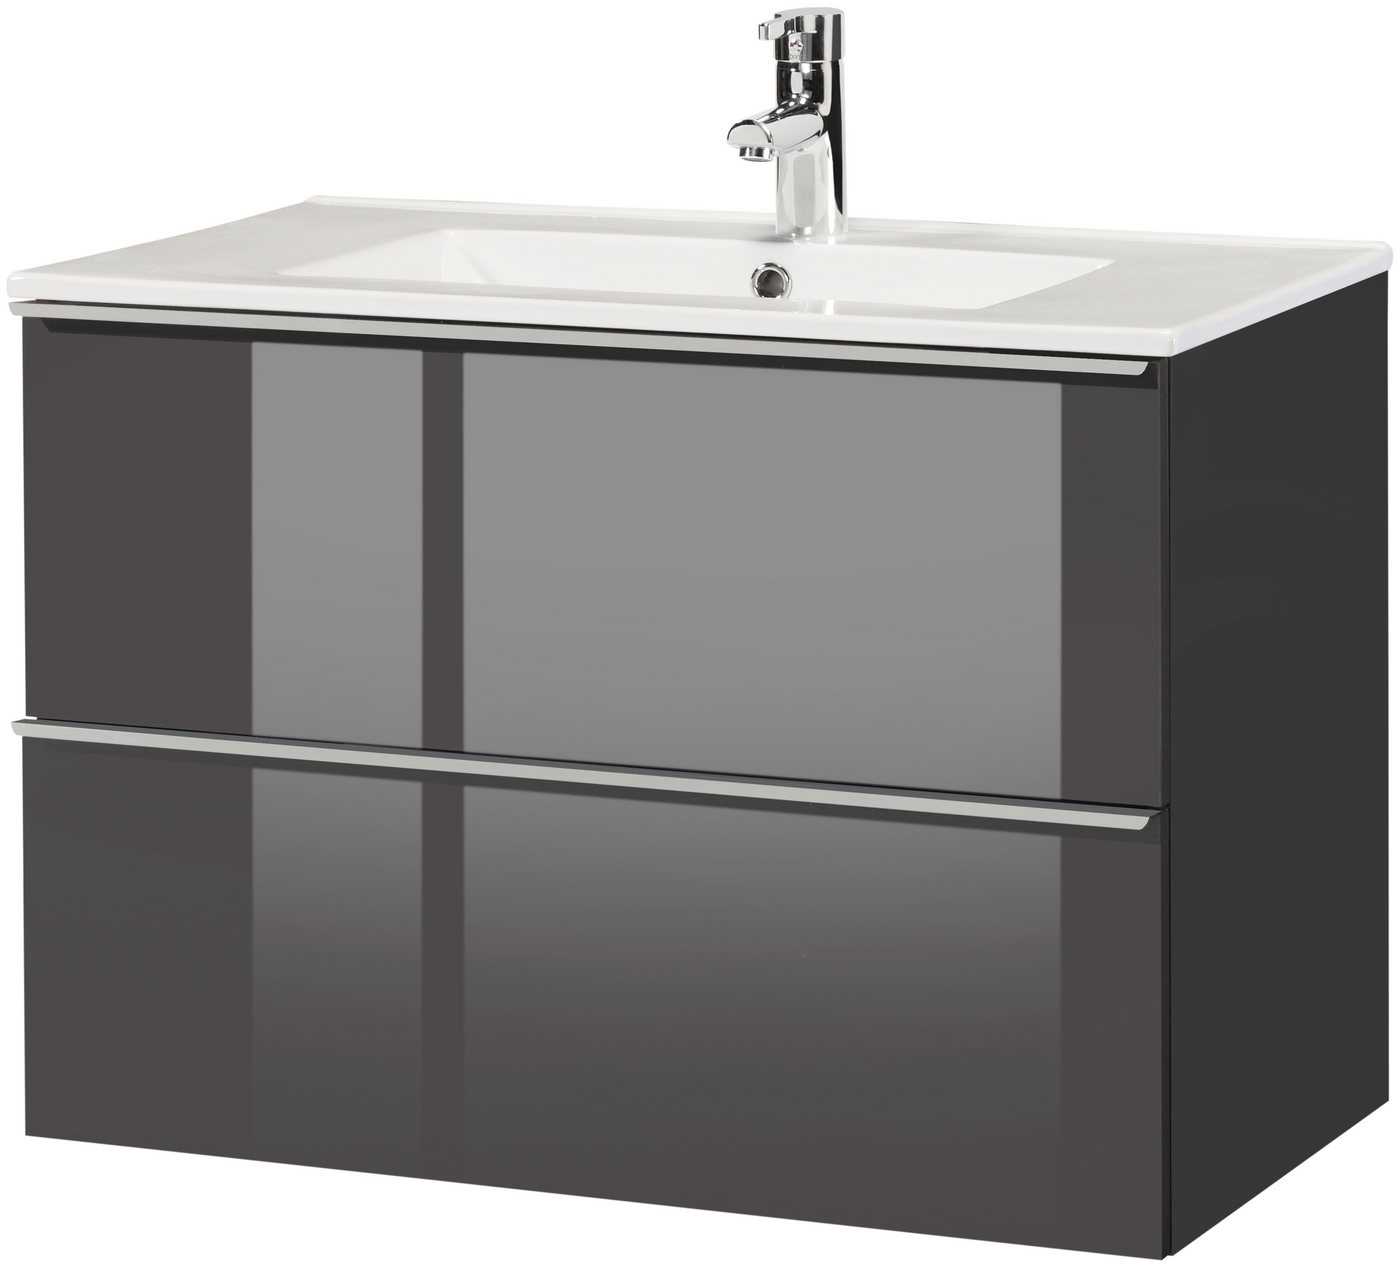 waschplatz 80 cm breit machen sie den preisvergleich bei nextag. Black Bedroom Furniture Sets. Home Design Ideas